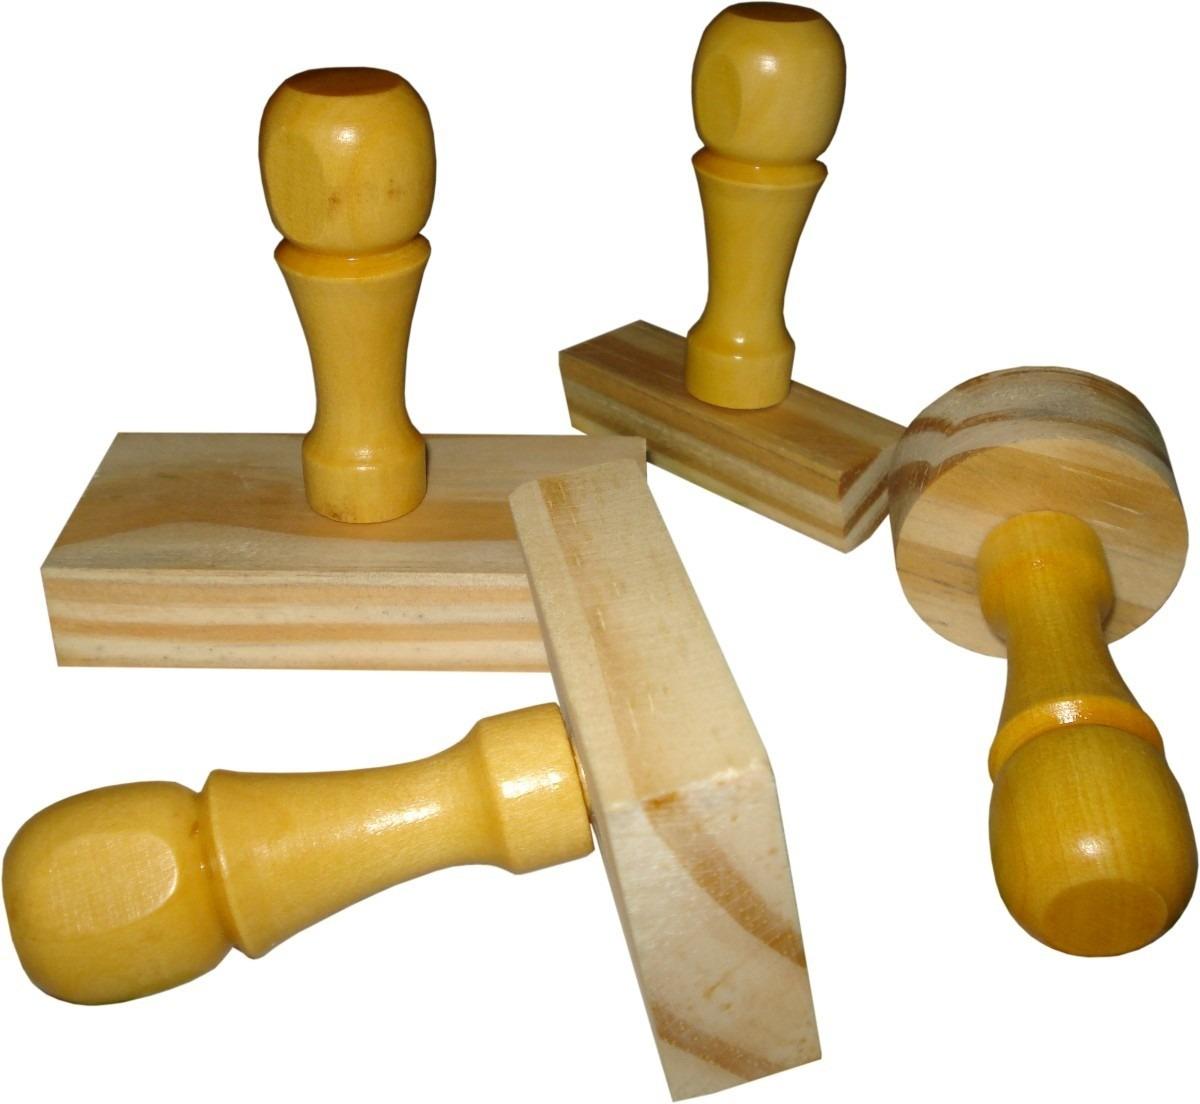 Carimbo Personalizado Madeira 4 0cm X 6 00cm R$ 9 99 no MercadoLivre #472808 1200x1104